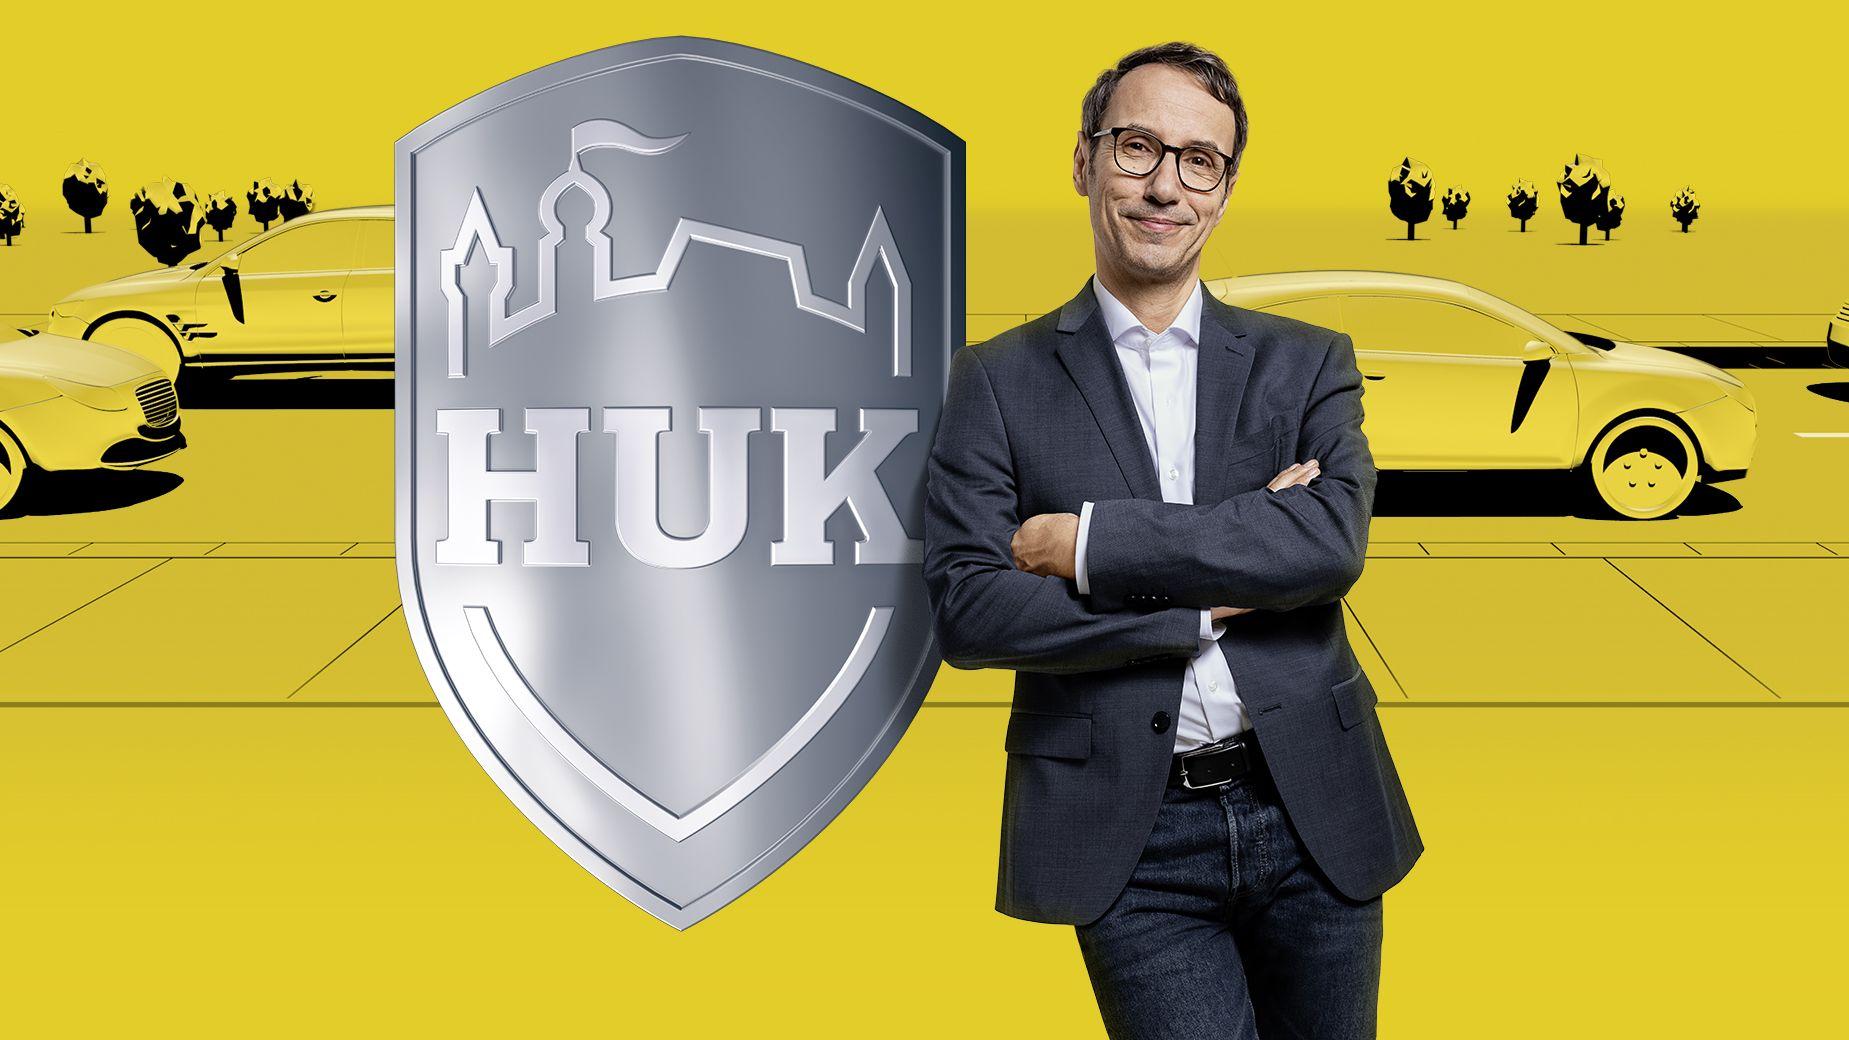 HUK-Coburg: Das ist das Werbedebüt von Freunde des Hauses für den Autoversicherer